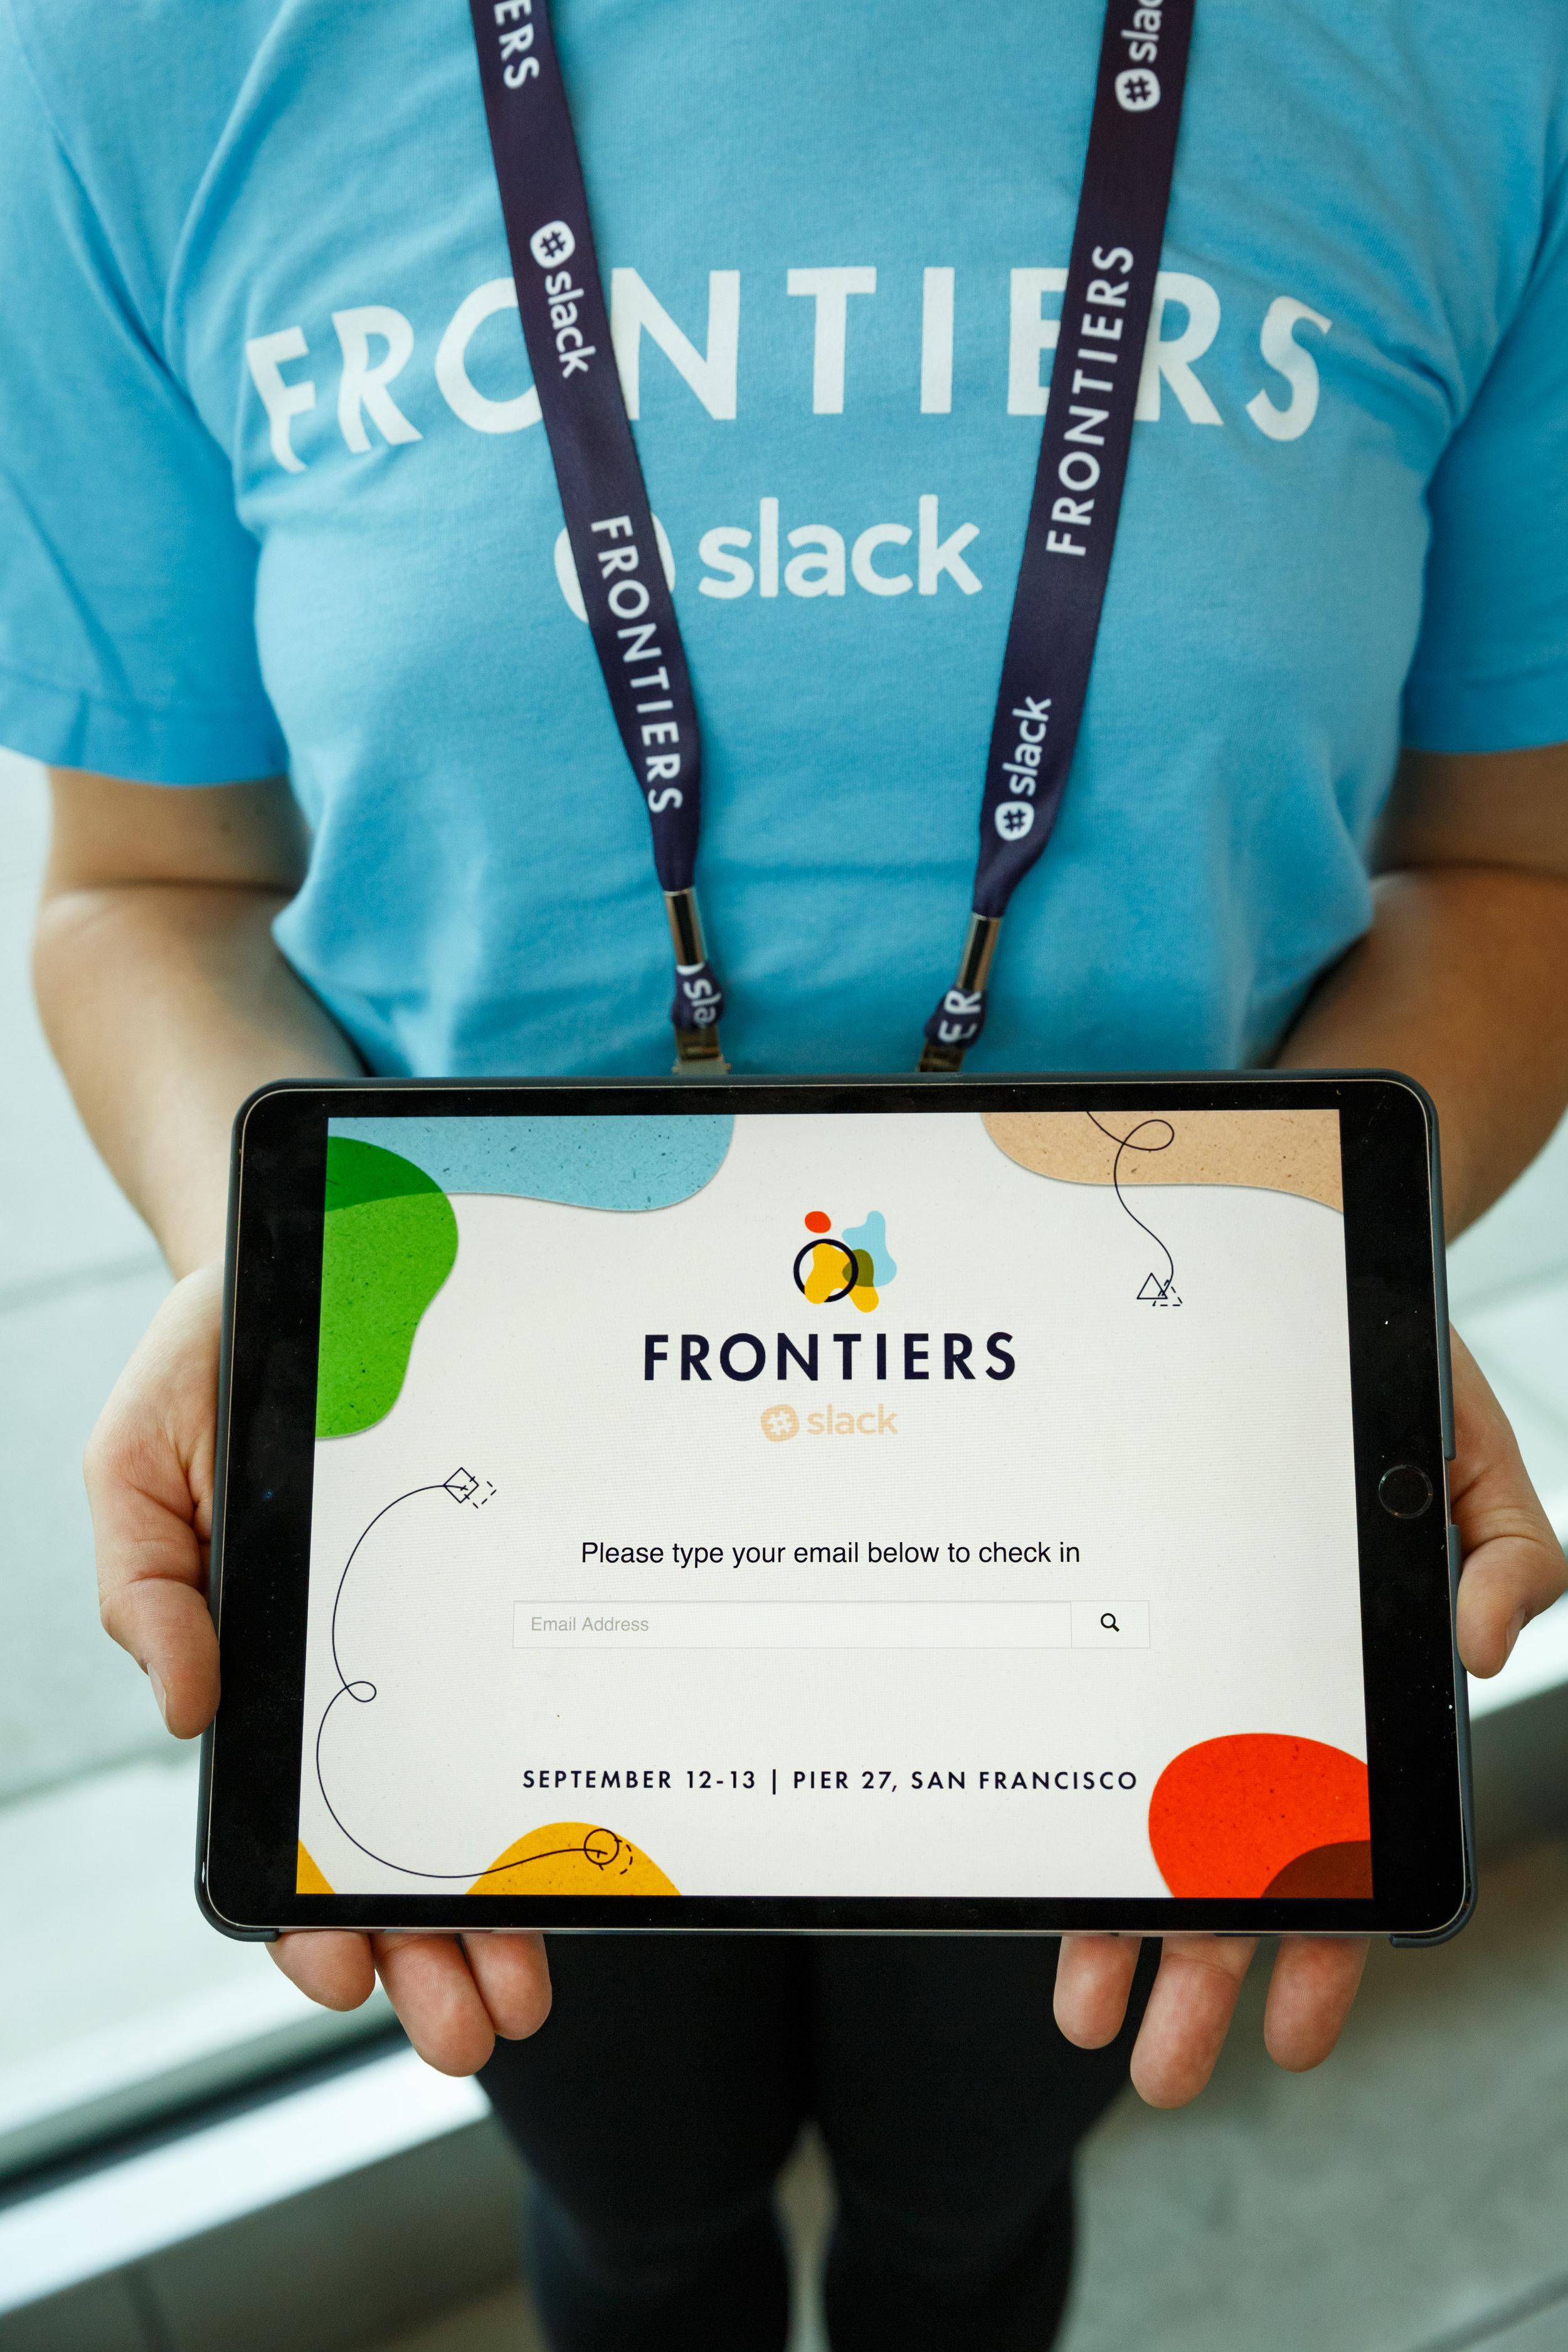 frontiers-registration-screen.jpg